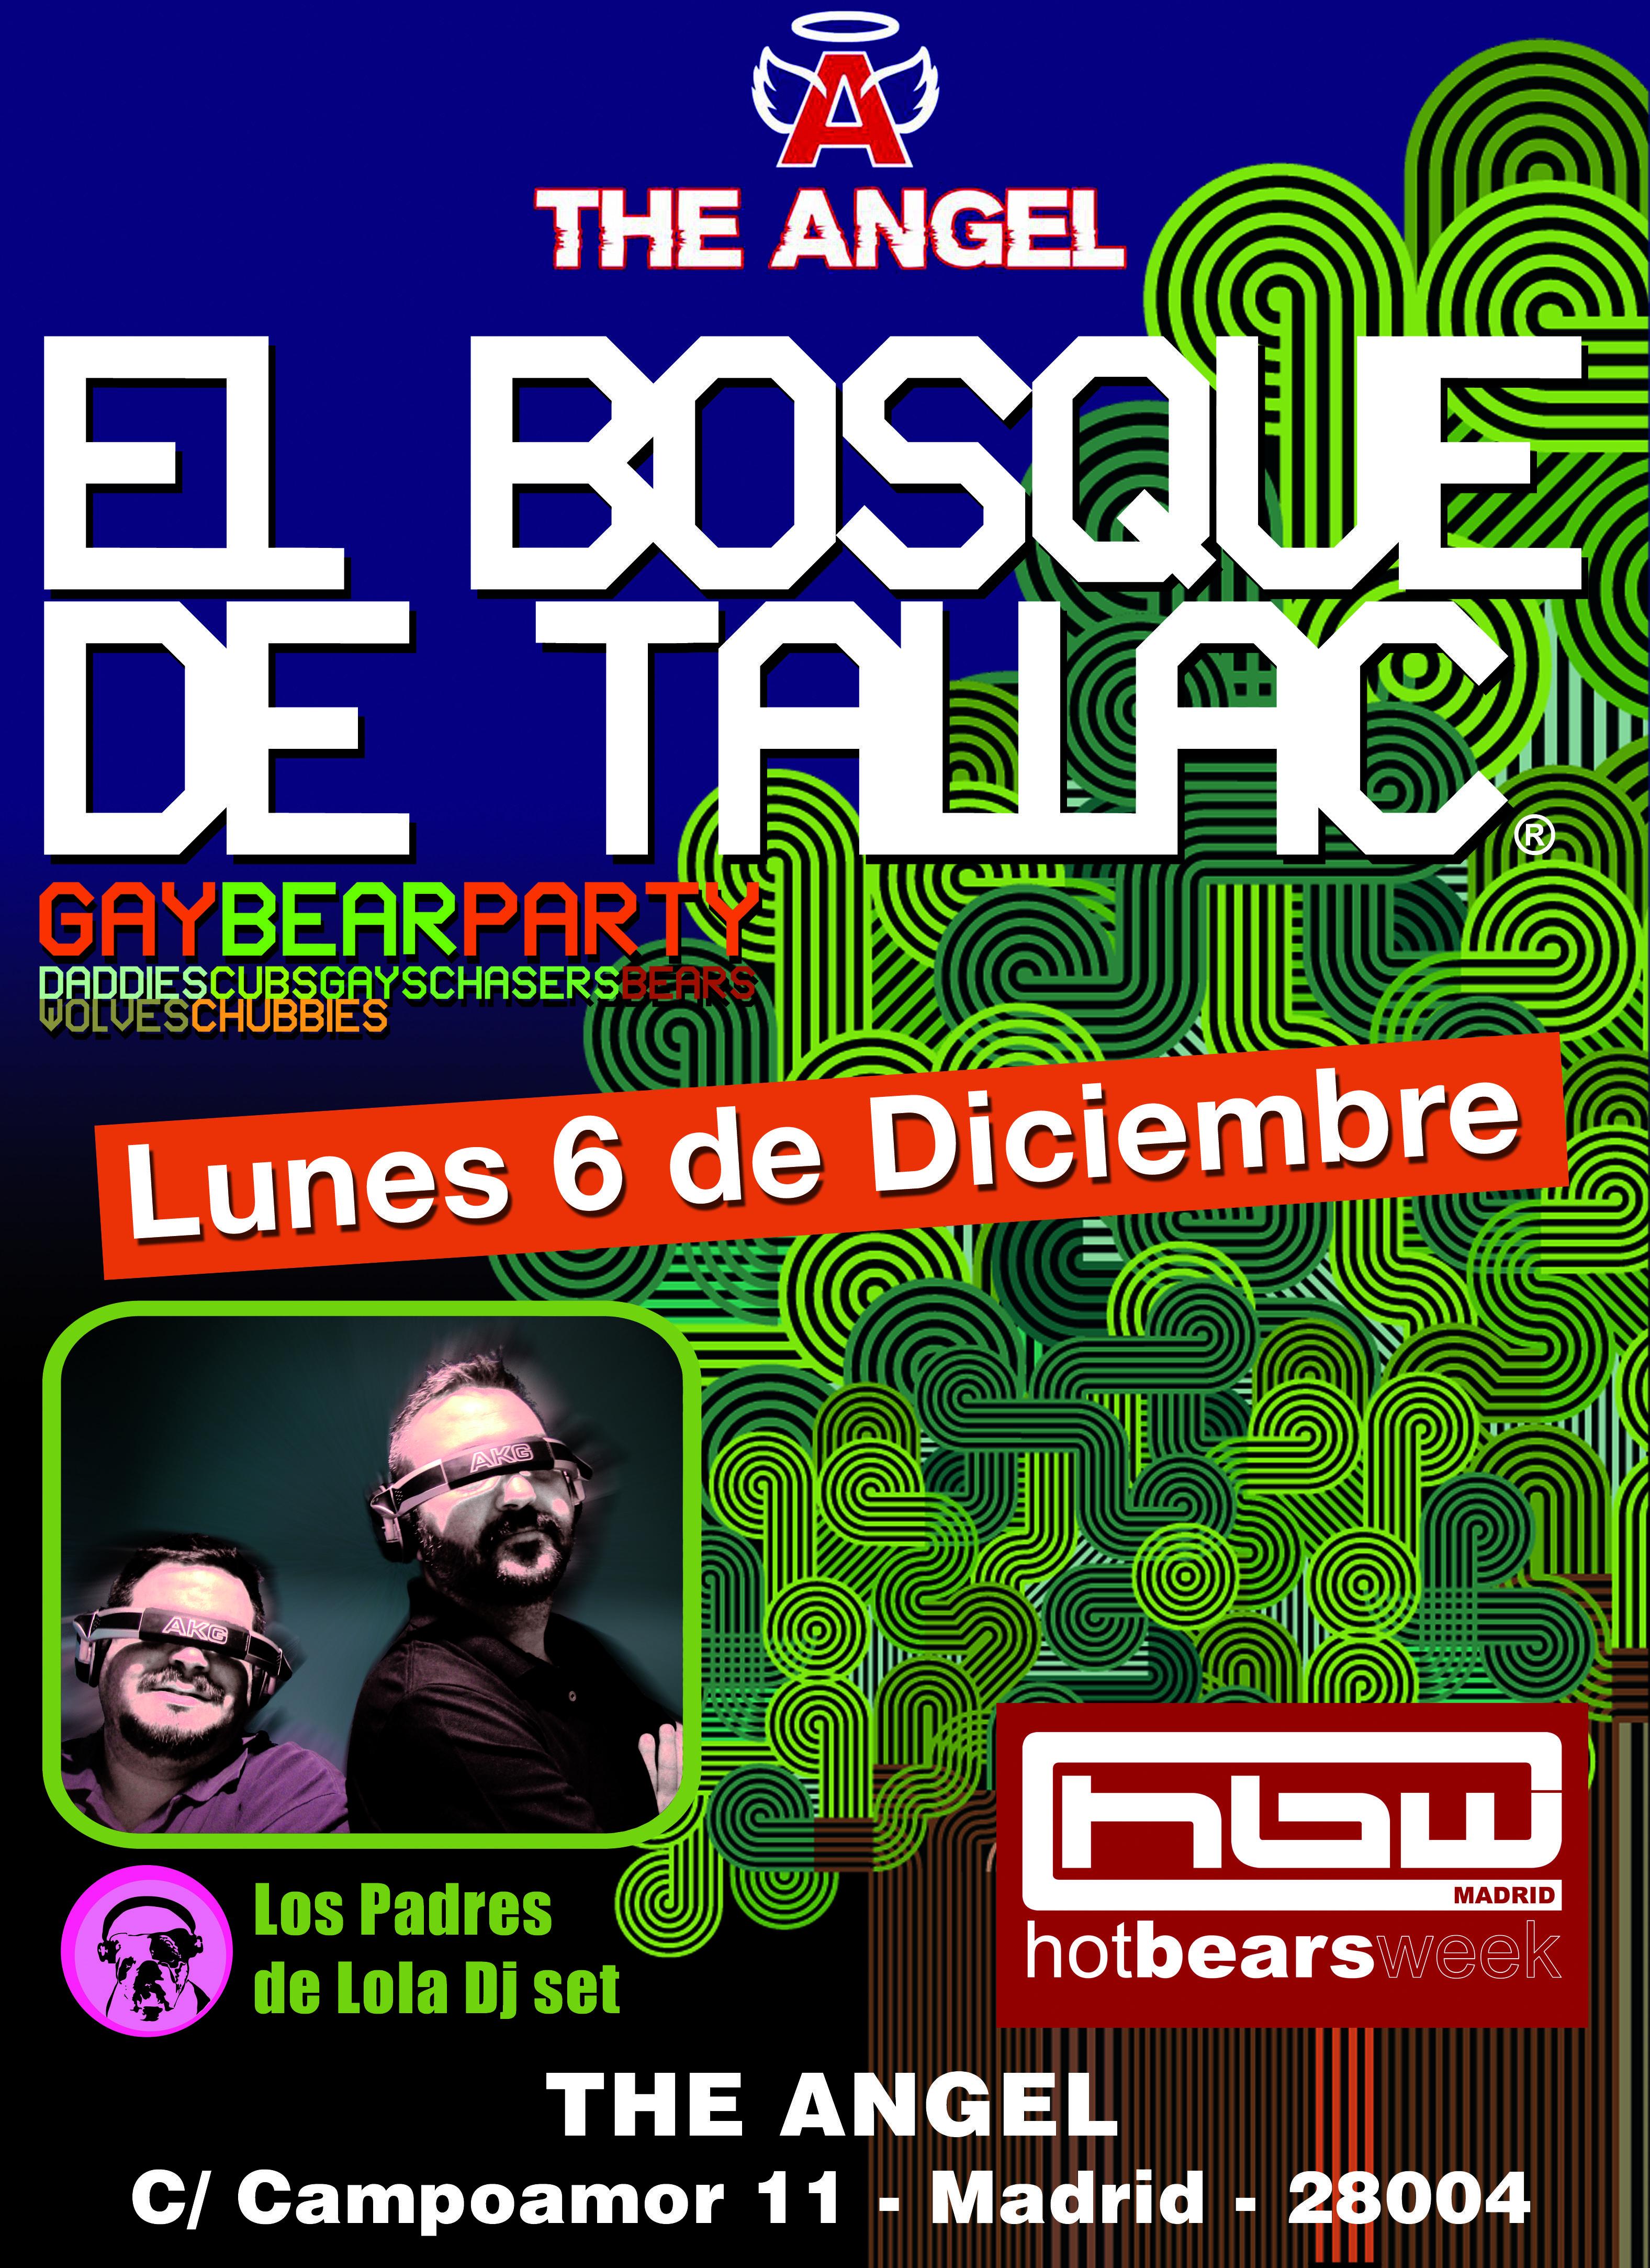 El bosque de Tallac en Madrid